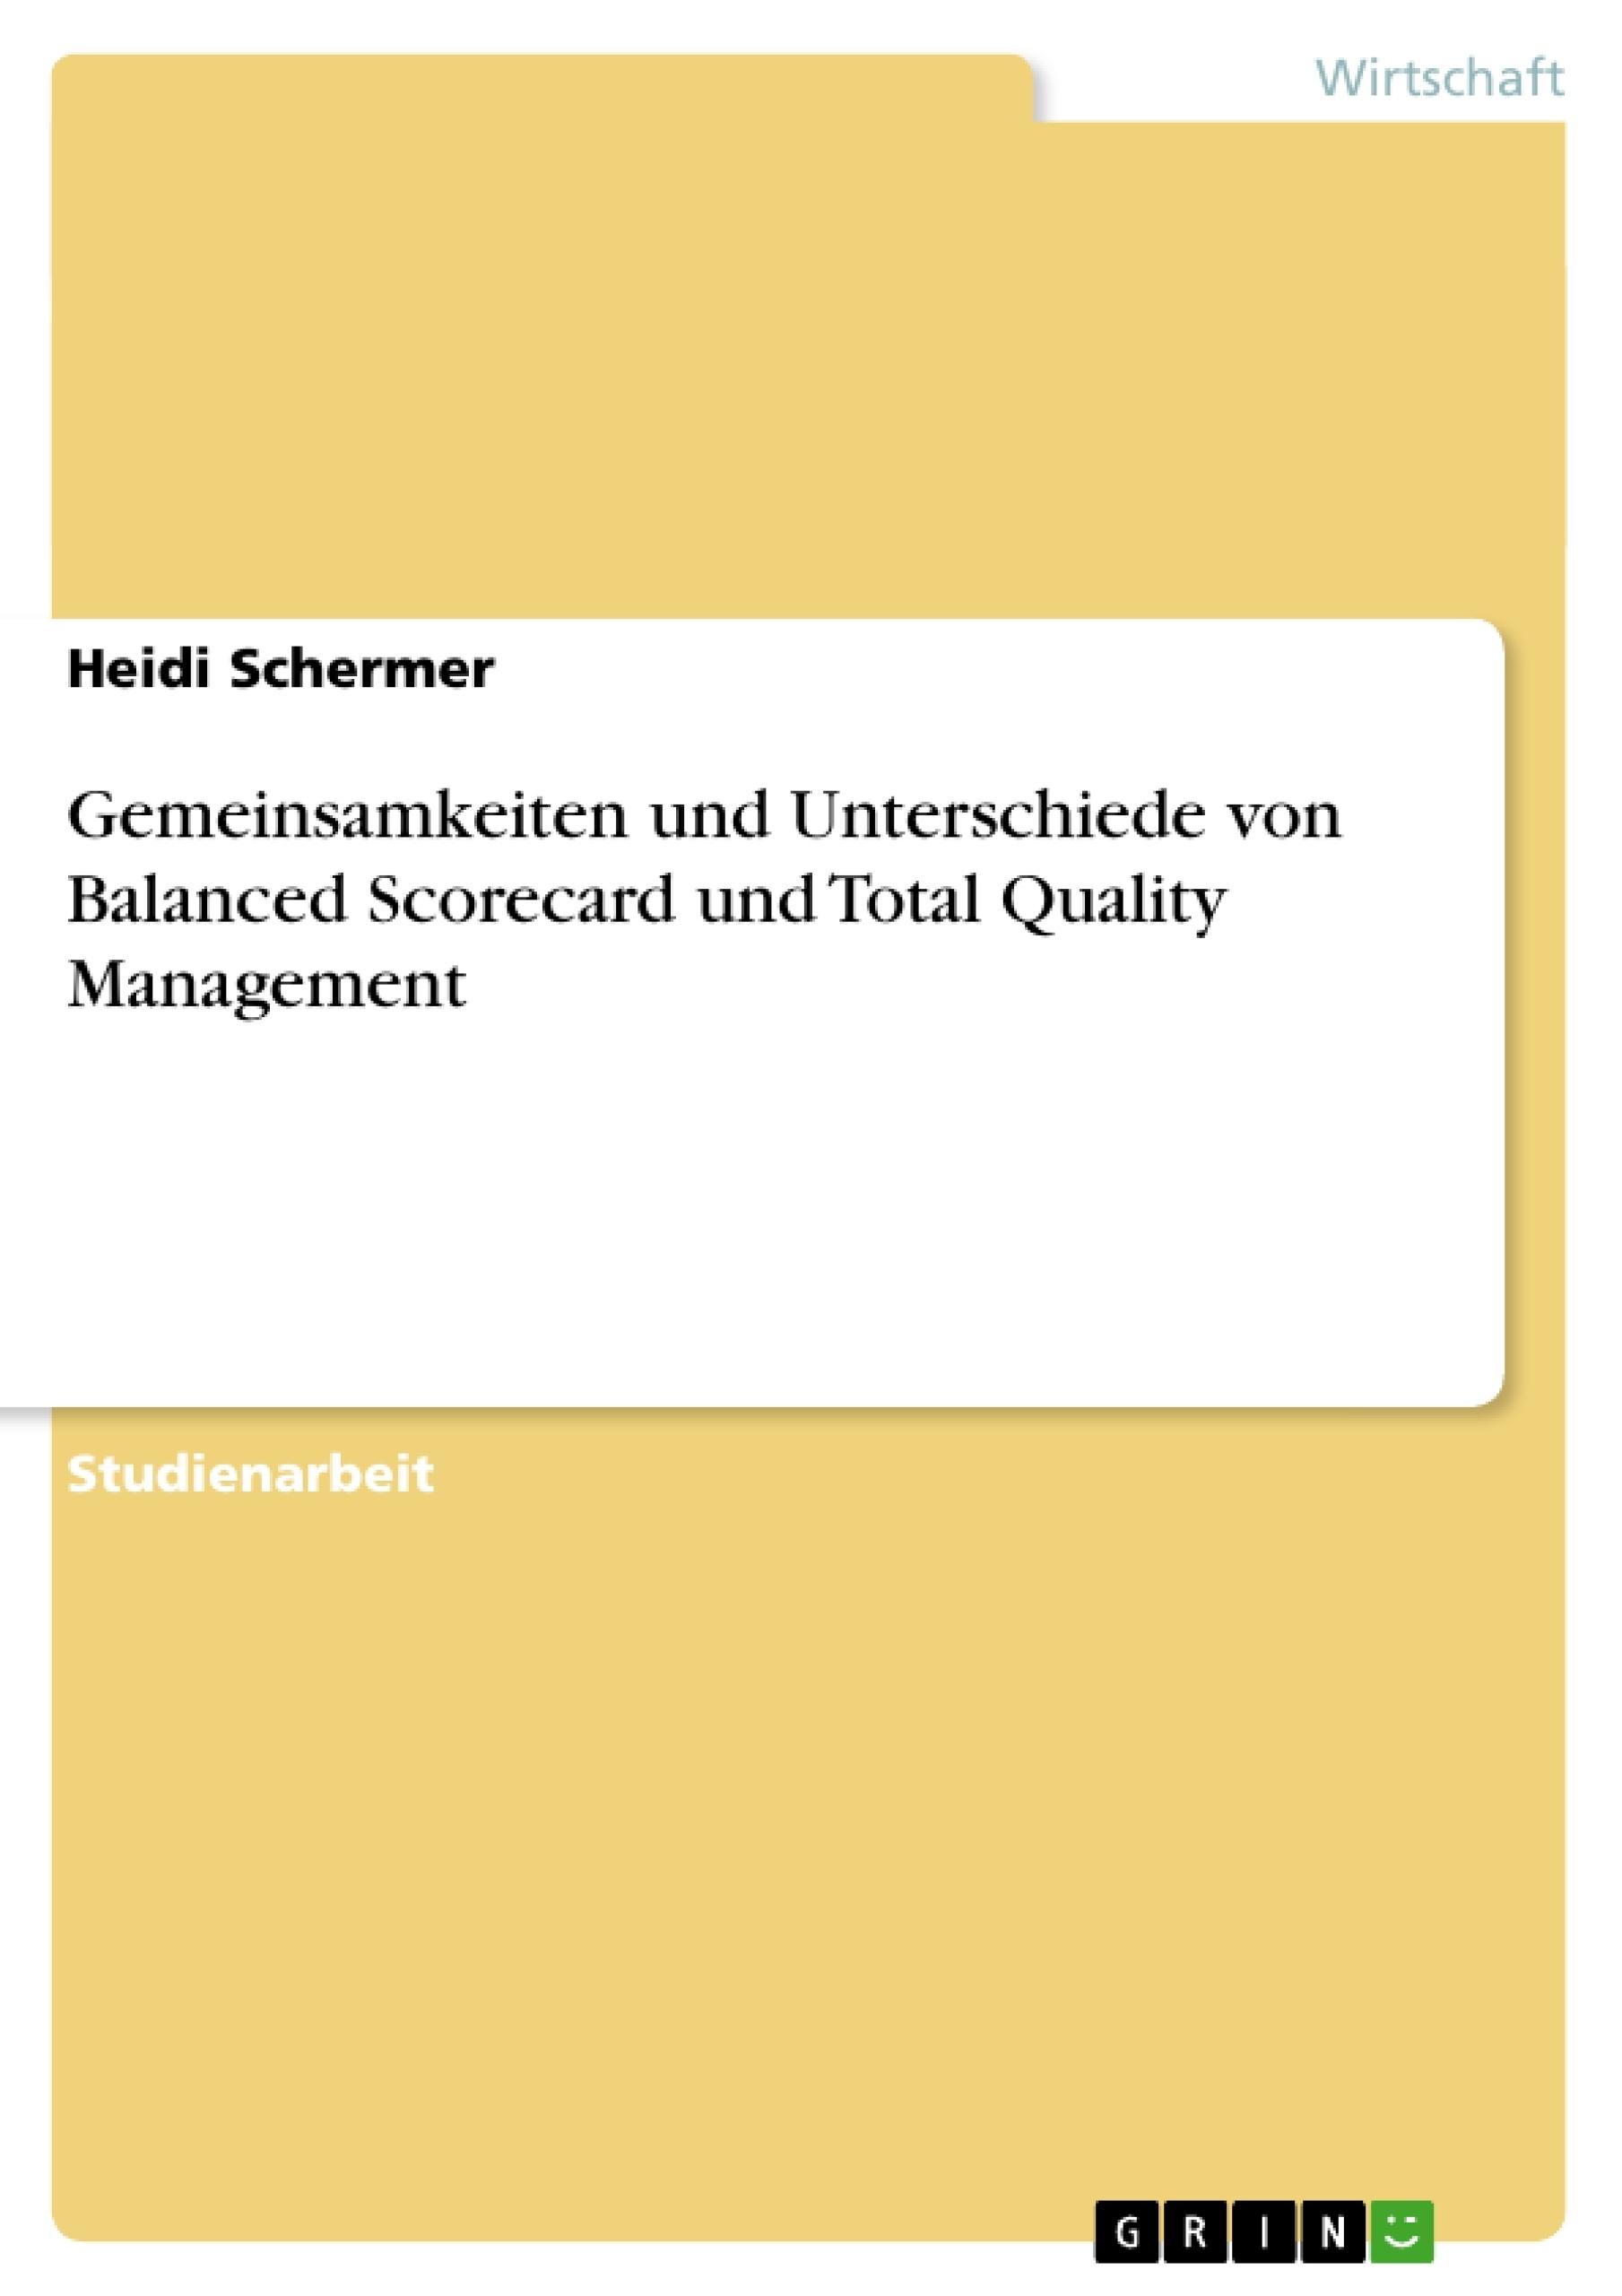 Titel: Gemeinsamkeiten und Unterschiede von Balanced Scorecard und Total Quality Management